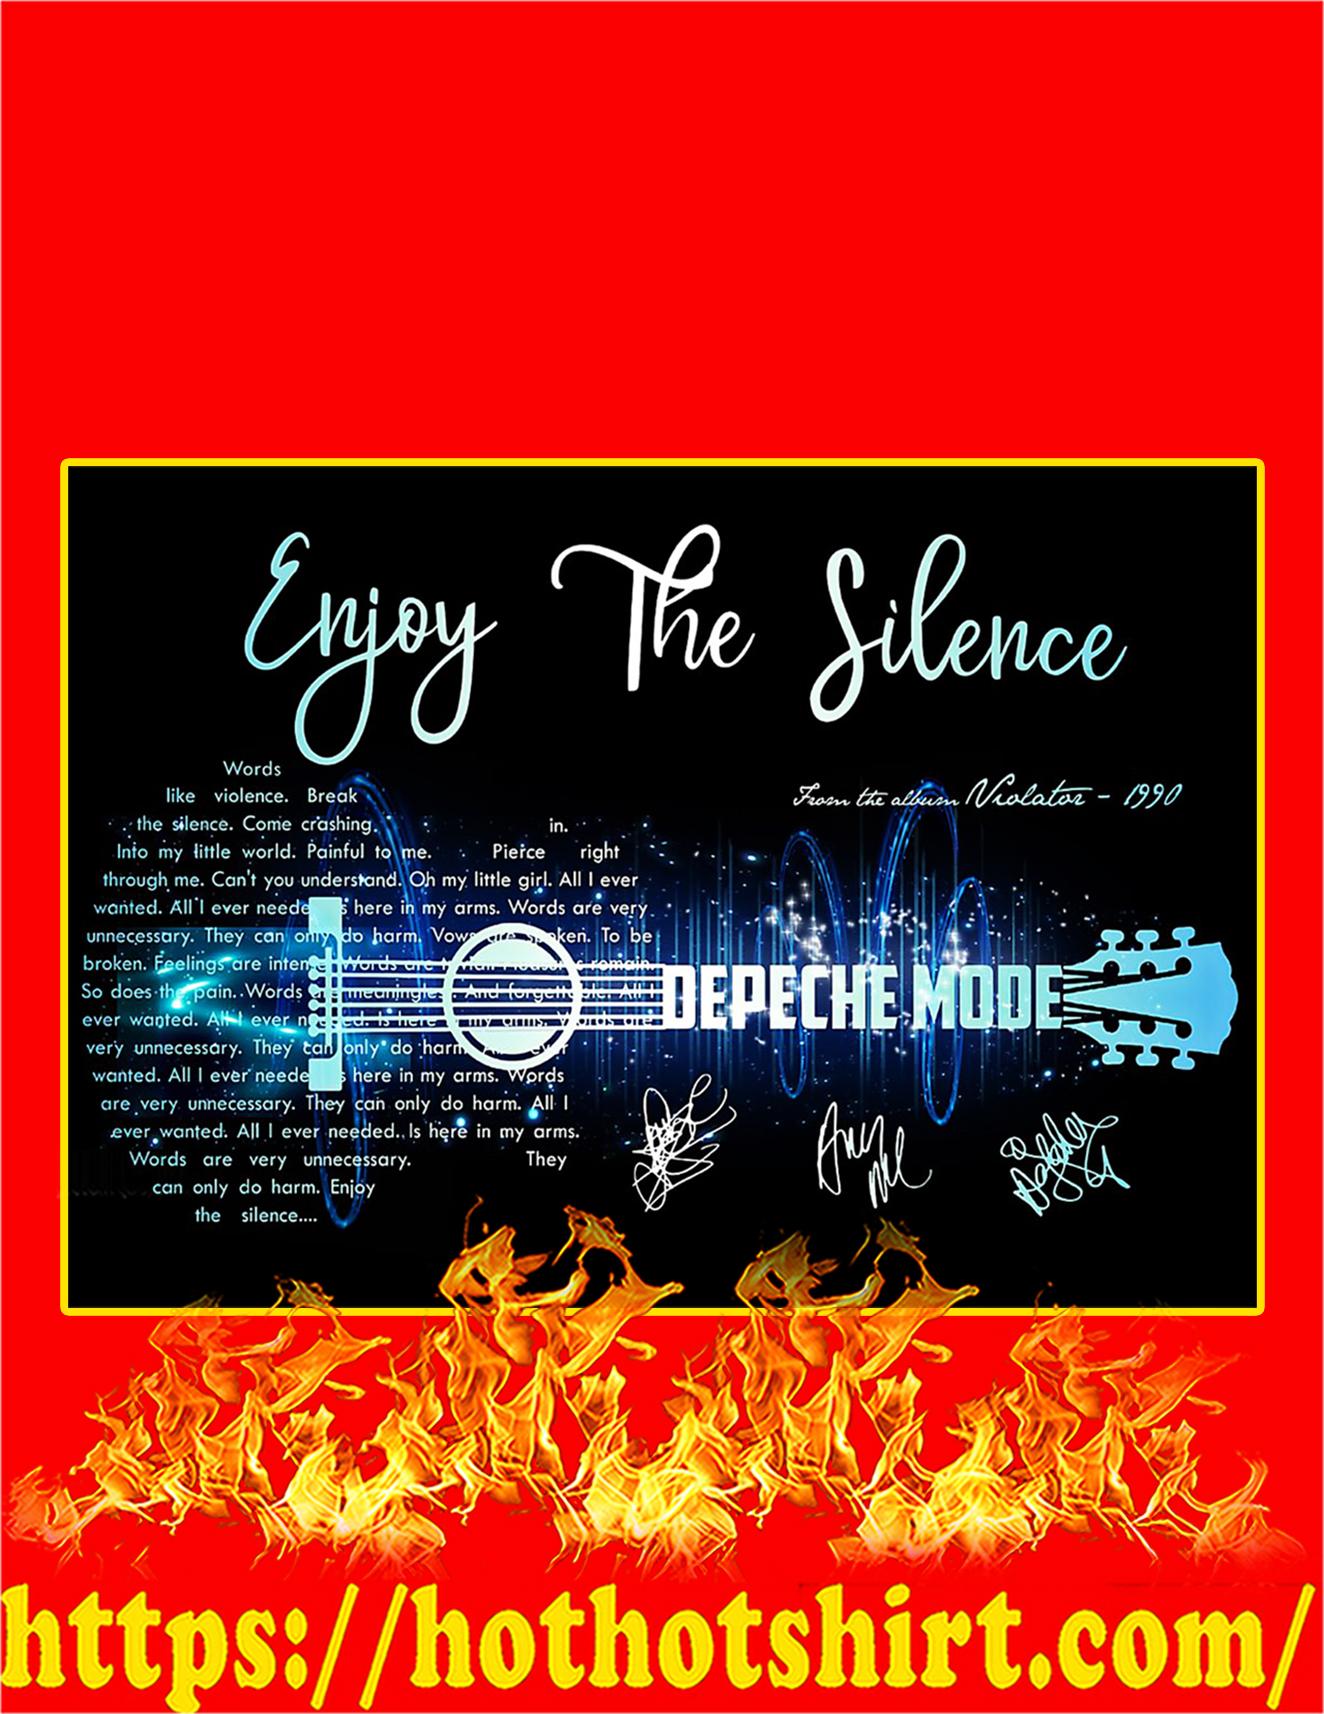 Enjoy The Silence Depeche Mode Signature Guitar Poster - A3